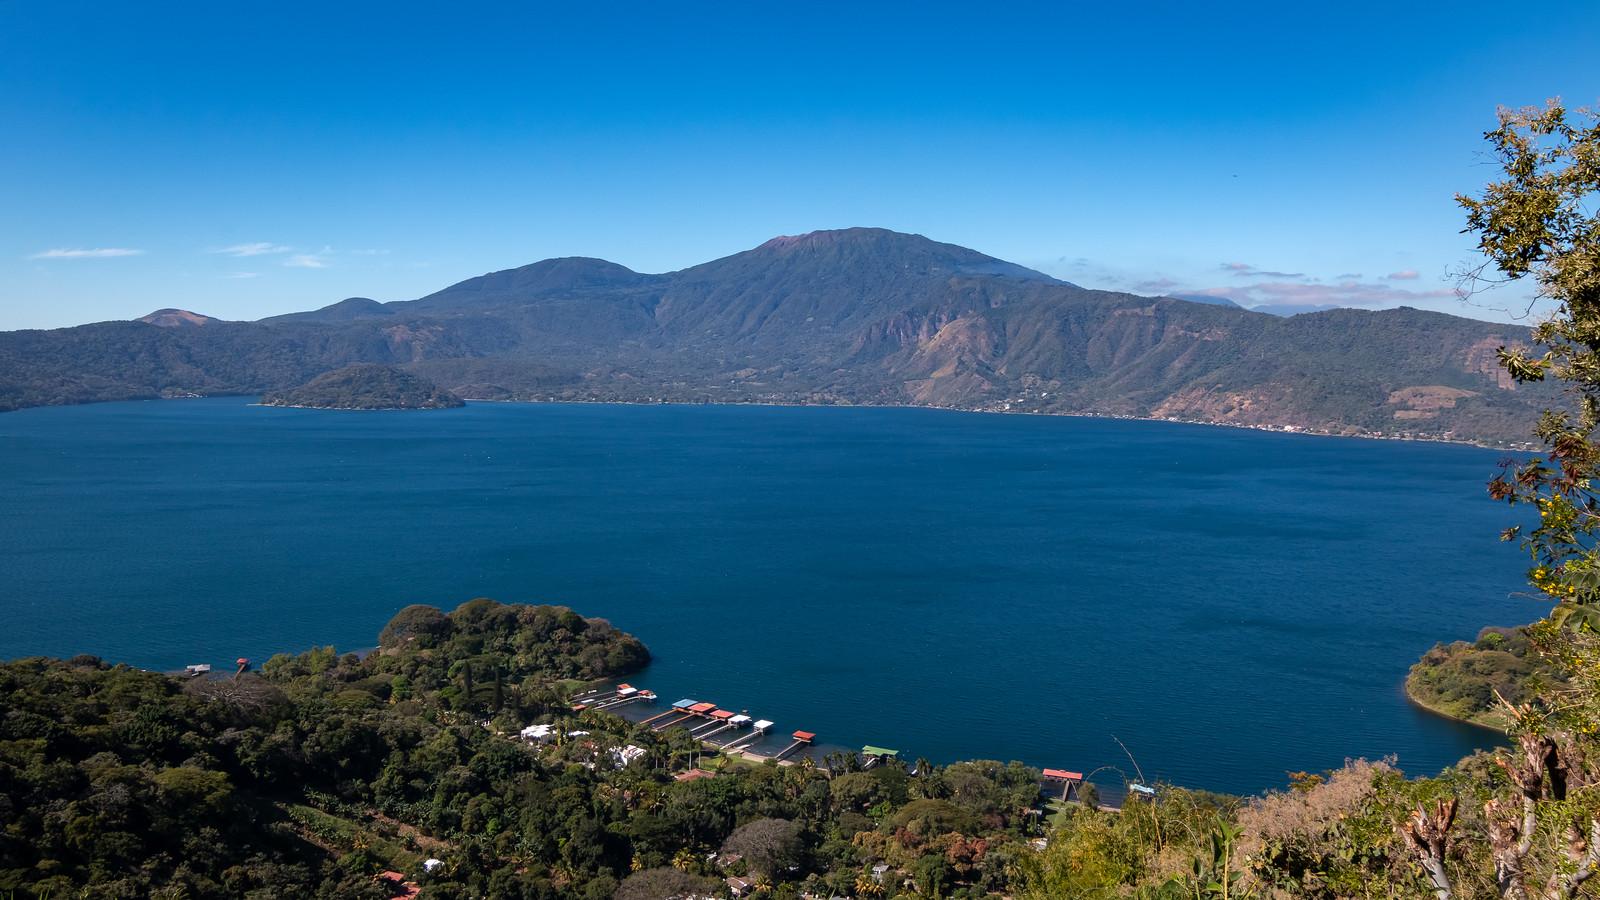 Cerro Verde - [El Salvador]